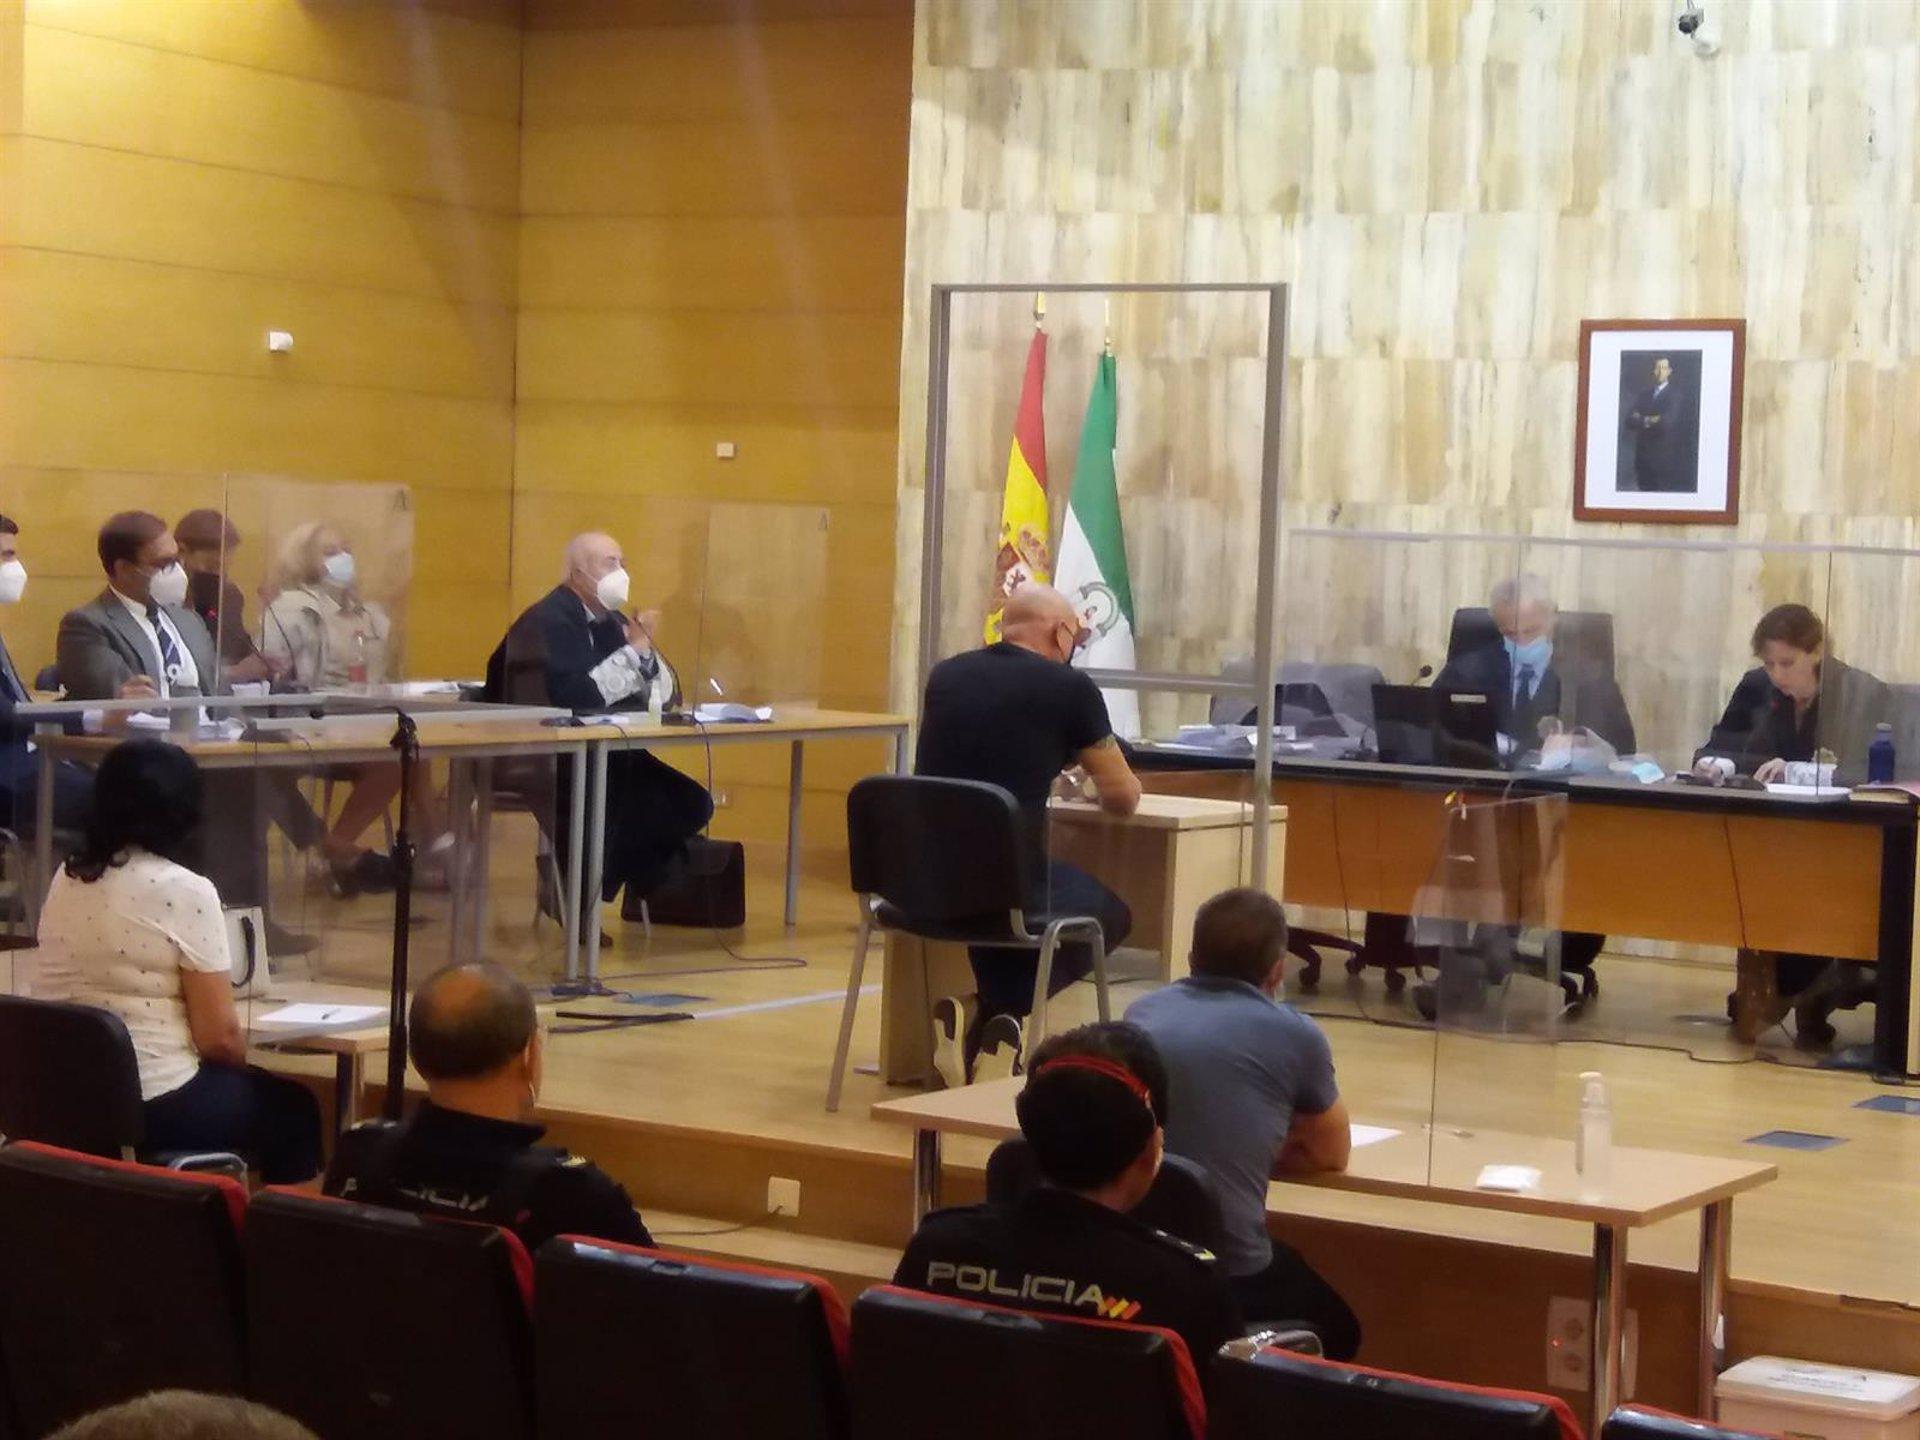 Condenan a 23 años y medio de cárcel al asesino de su ex mujer a puñaladas en Maracena